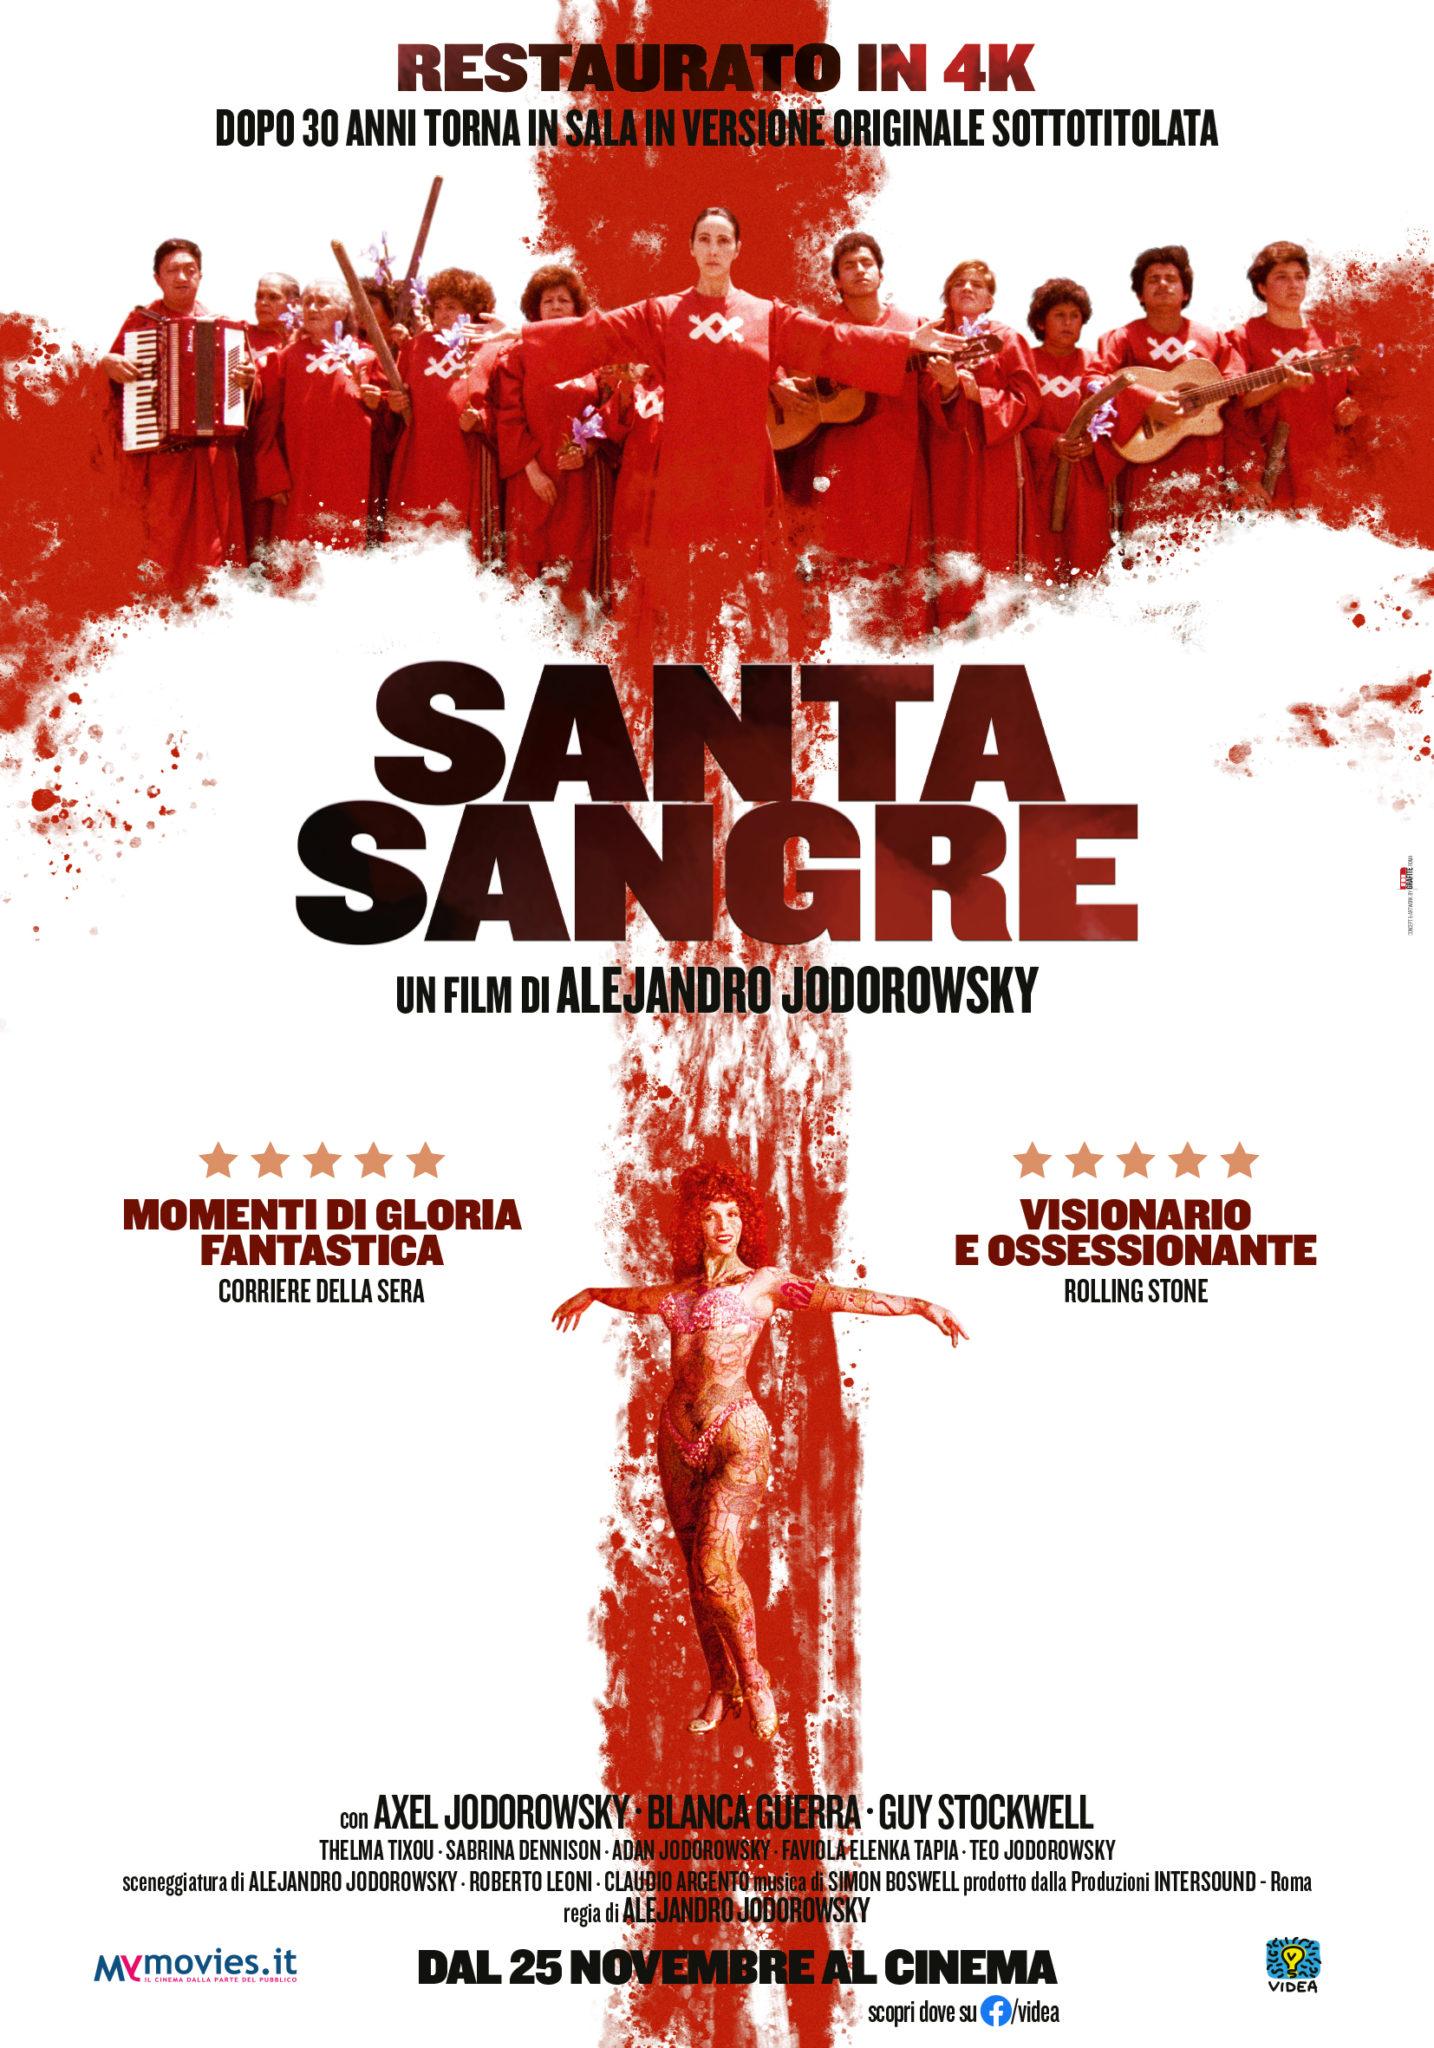 Santa Sangre, il capolavoro visionario di Alejandro Jodorowskytorna al cinema